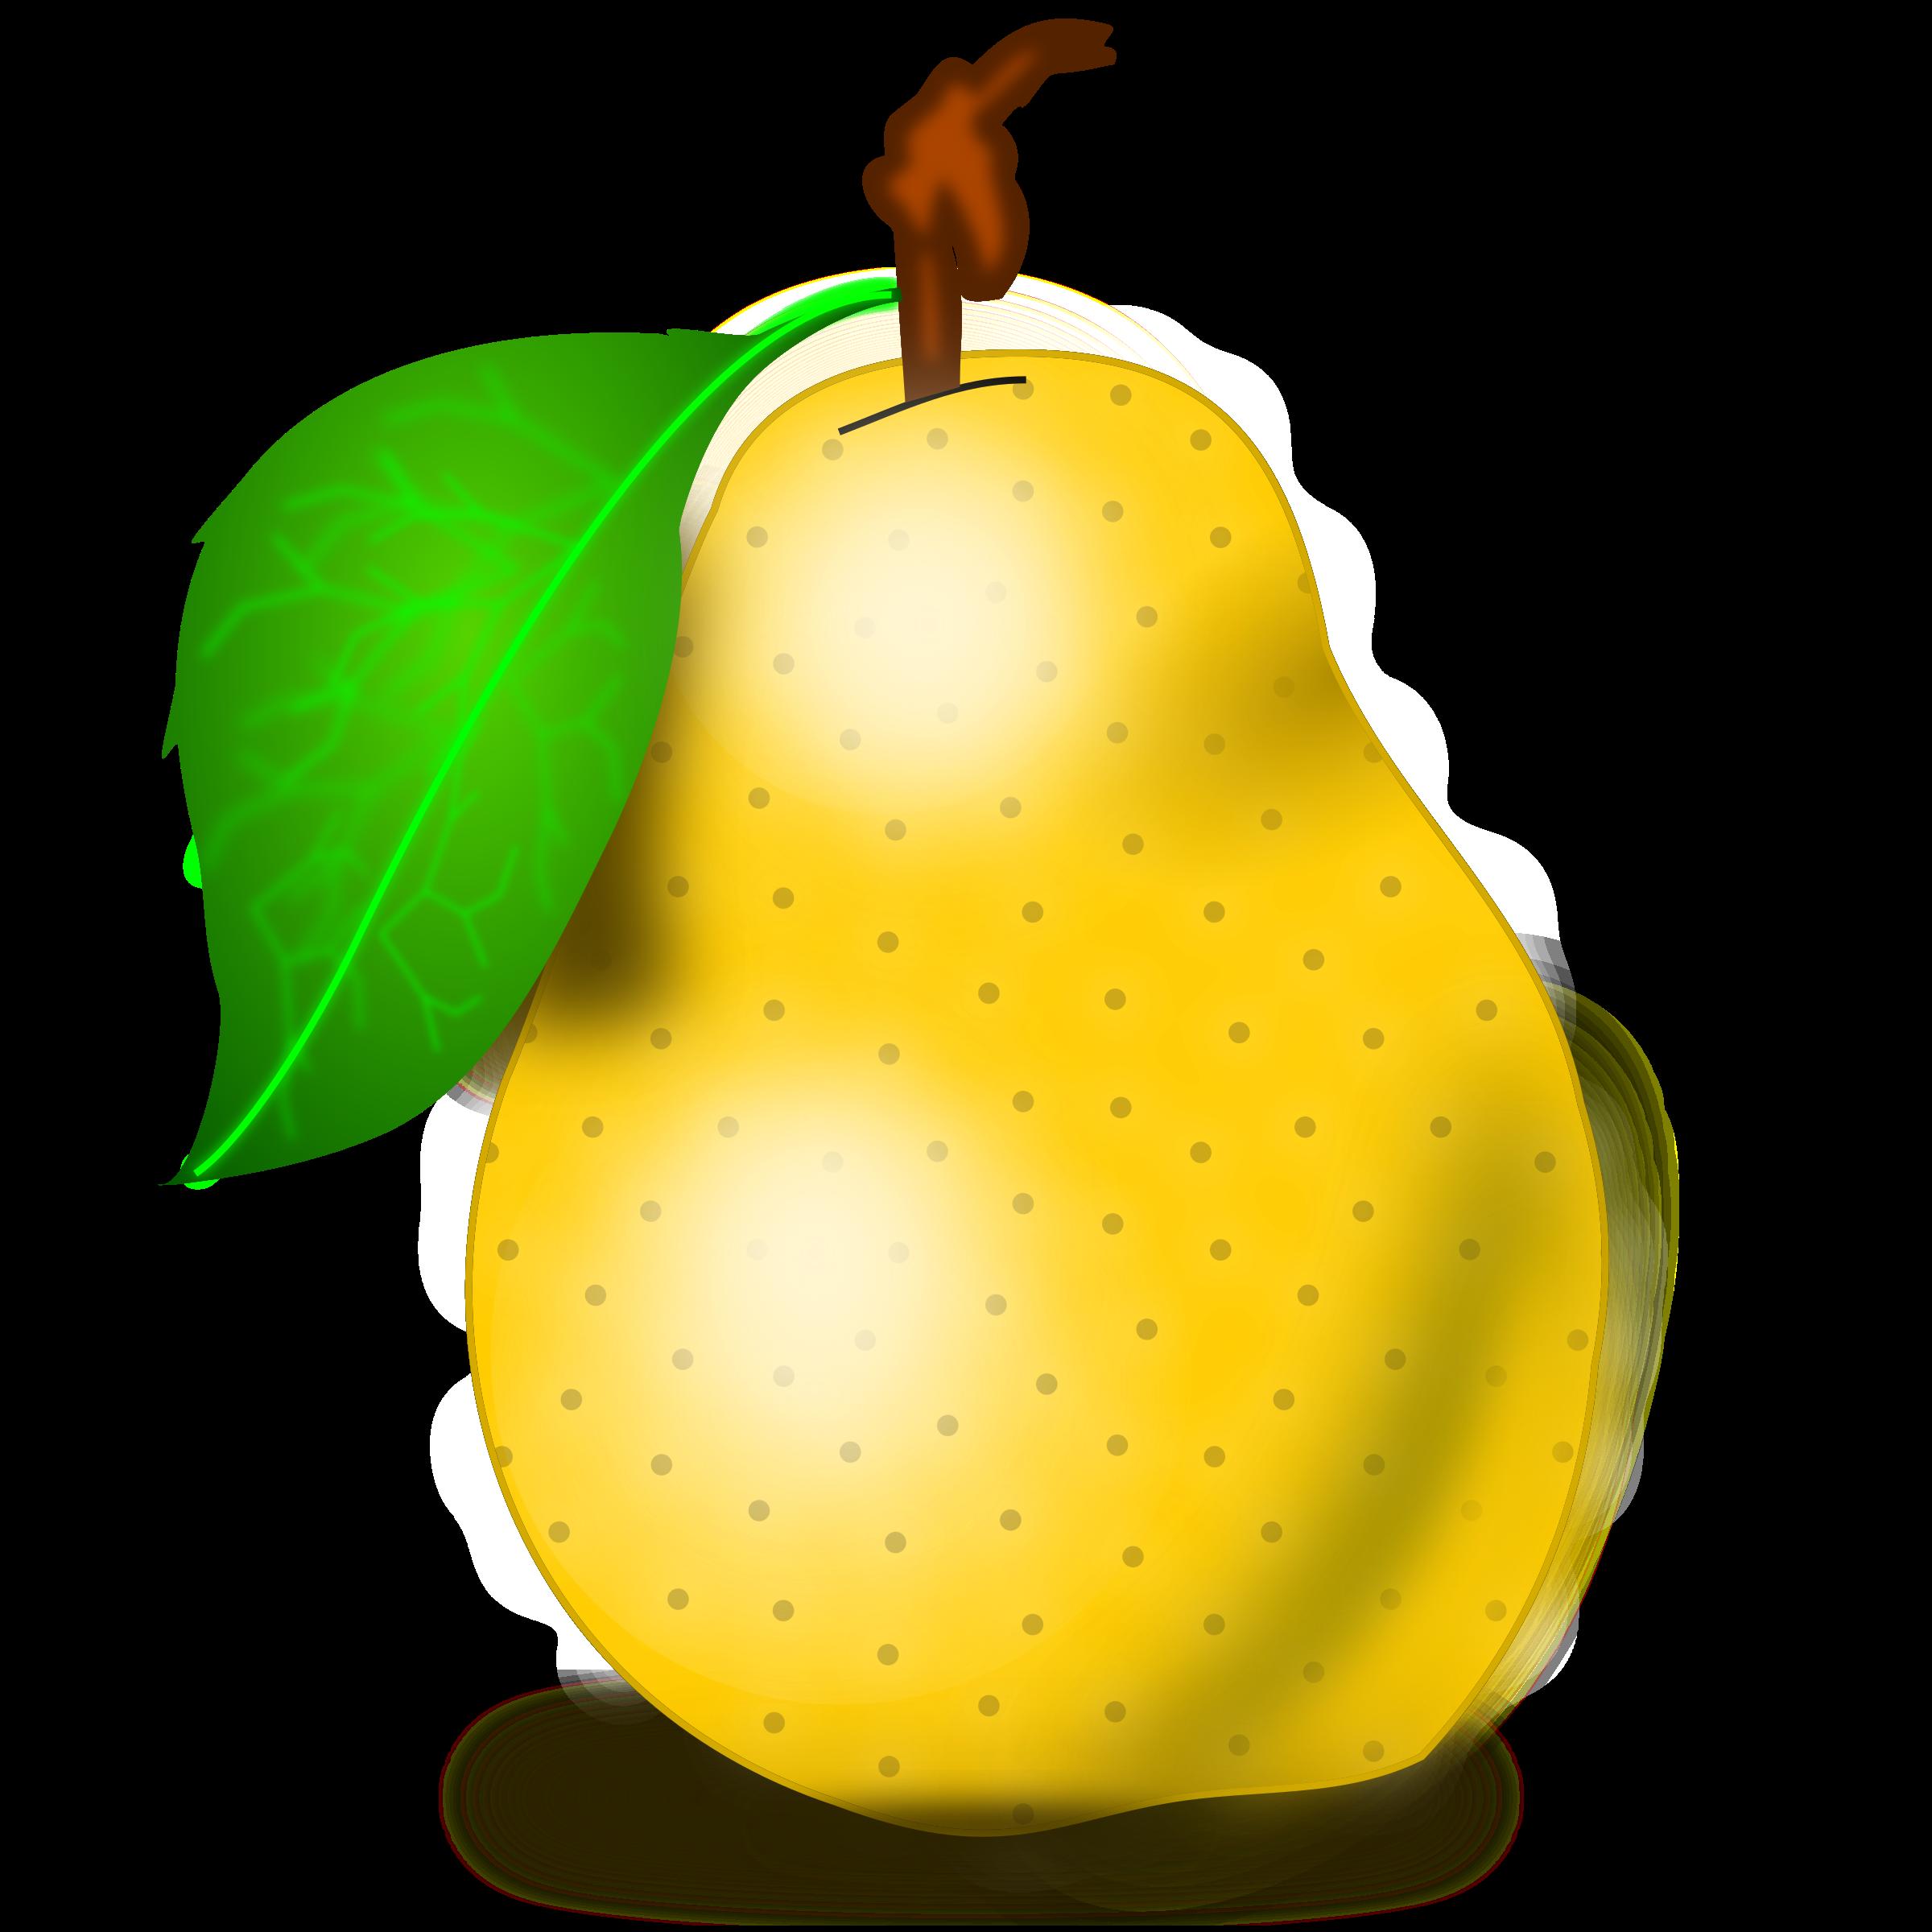 . Pear clipart pear fruit